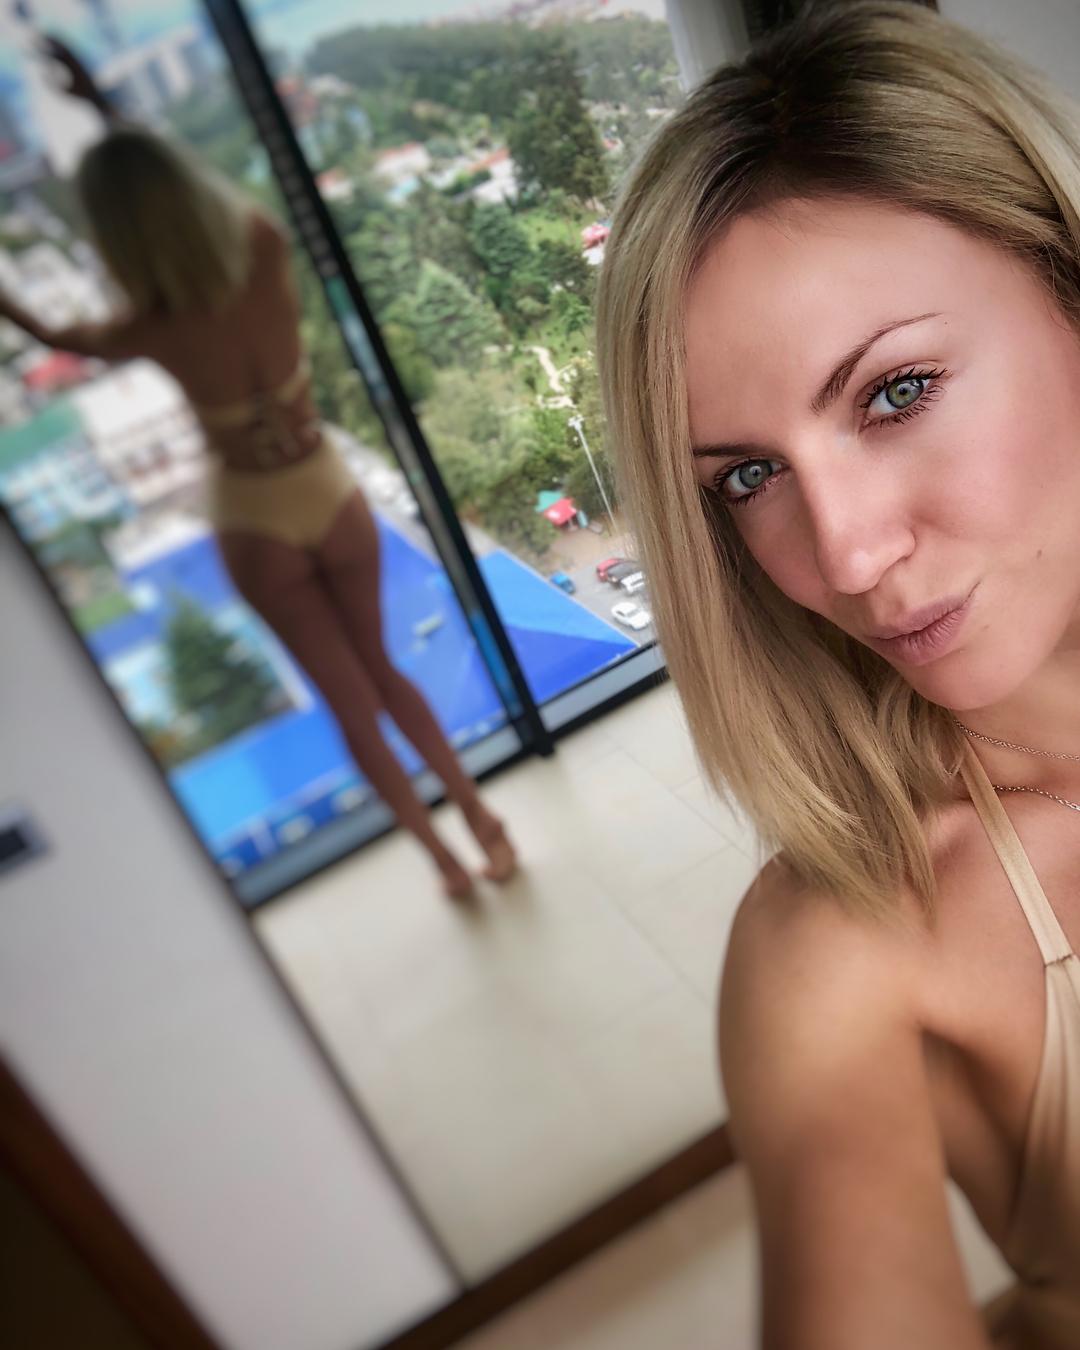 Леся Никитюк: фото голая